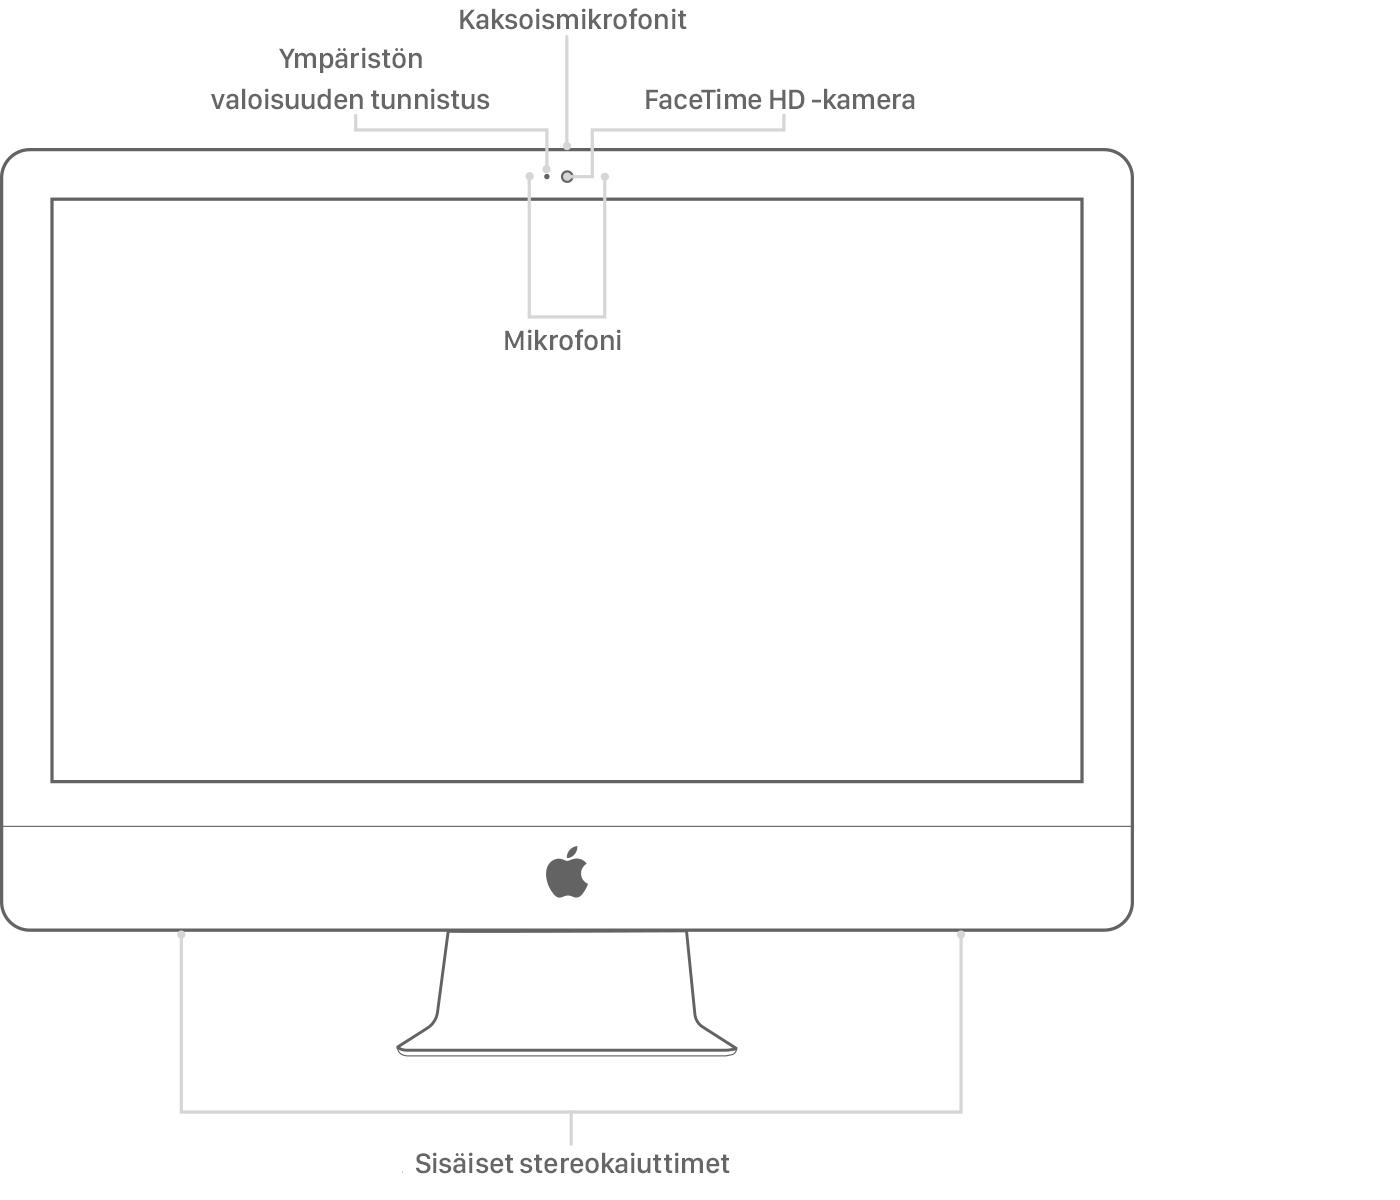 kytkeä kaksi näyttöä Mac Pro